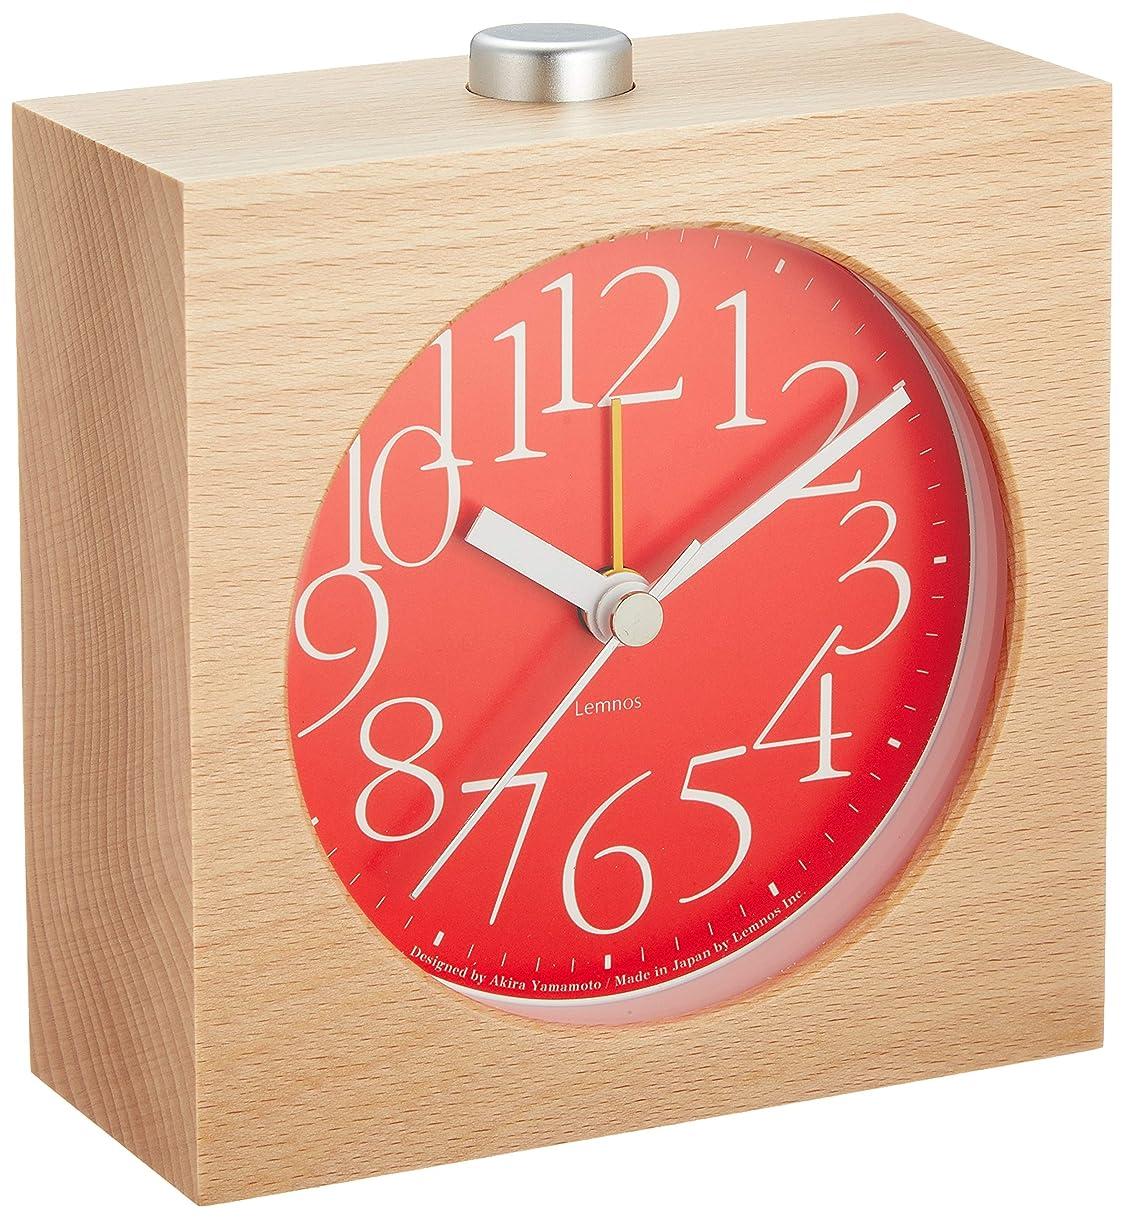 死の顎リス険しいLemnos AY alarm clock アラーム時計 レッド LA10-07 RE